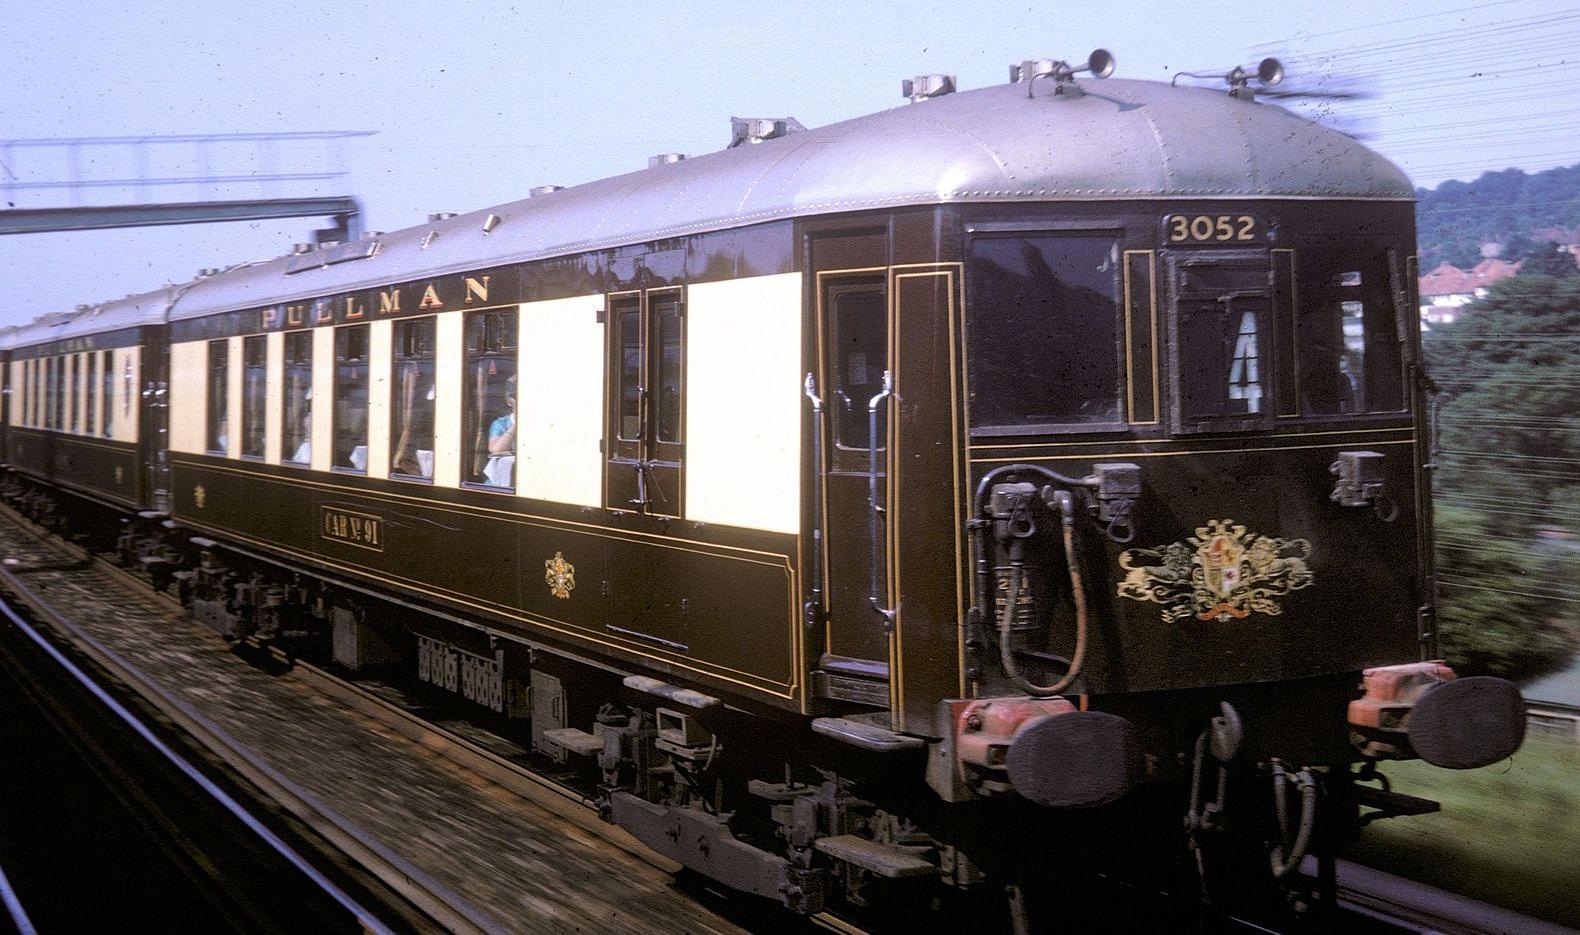 Brighton Belle No. 3052 at Purley Oaks in June 1964. © Tony Hagon